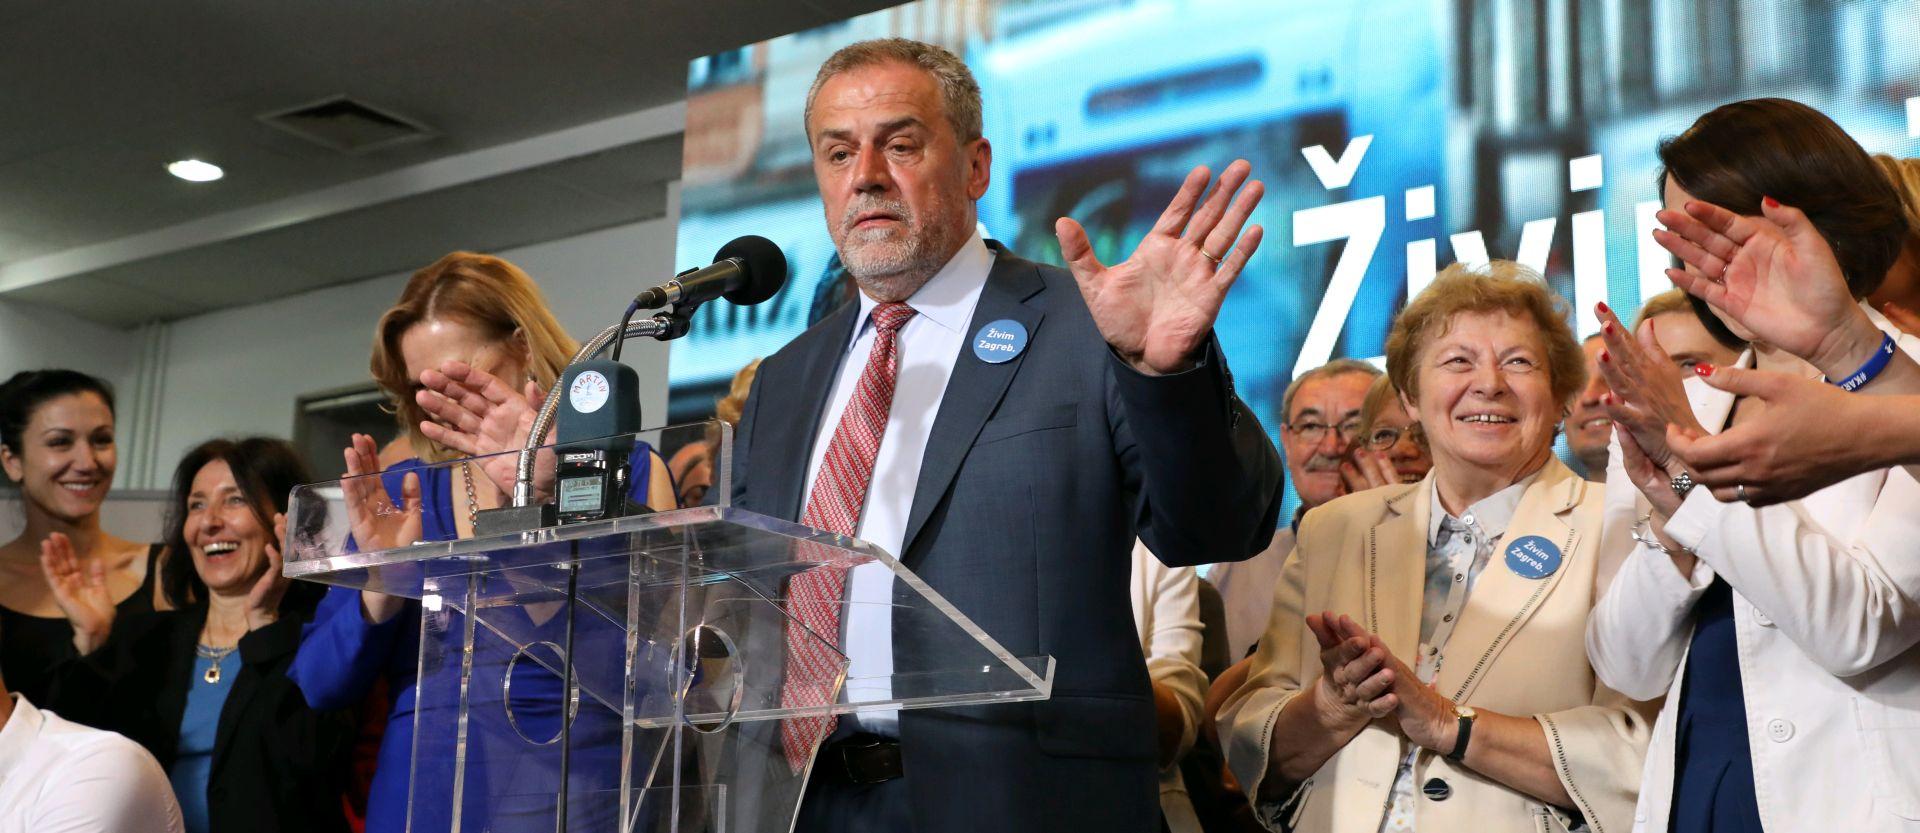 """PAVLE KALINIĆ """"Nije Bandić dobio izbore jer je najljepši, nego zbog toga što je napravio"""""""